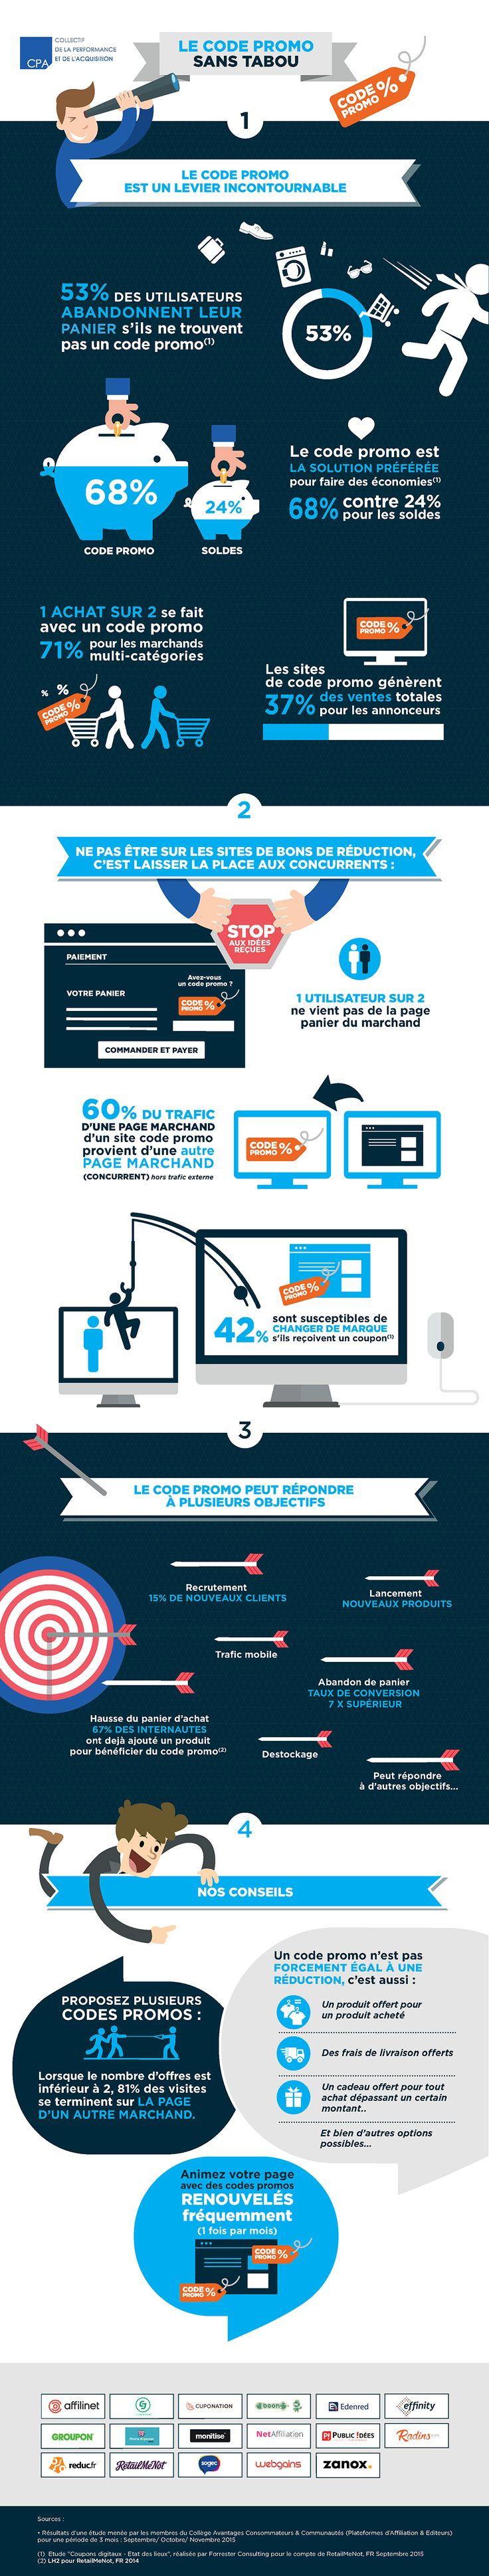 Infographie : code promo, l'indispensable compagnon de l'achat en ligne - http://www.radins.com